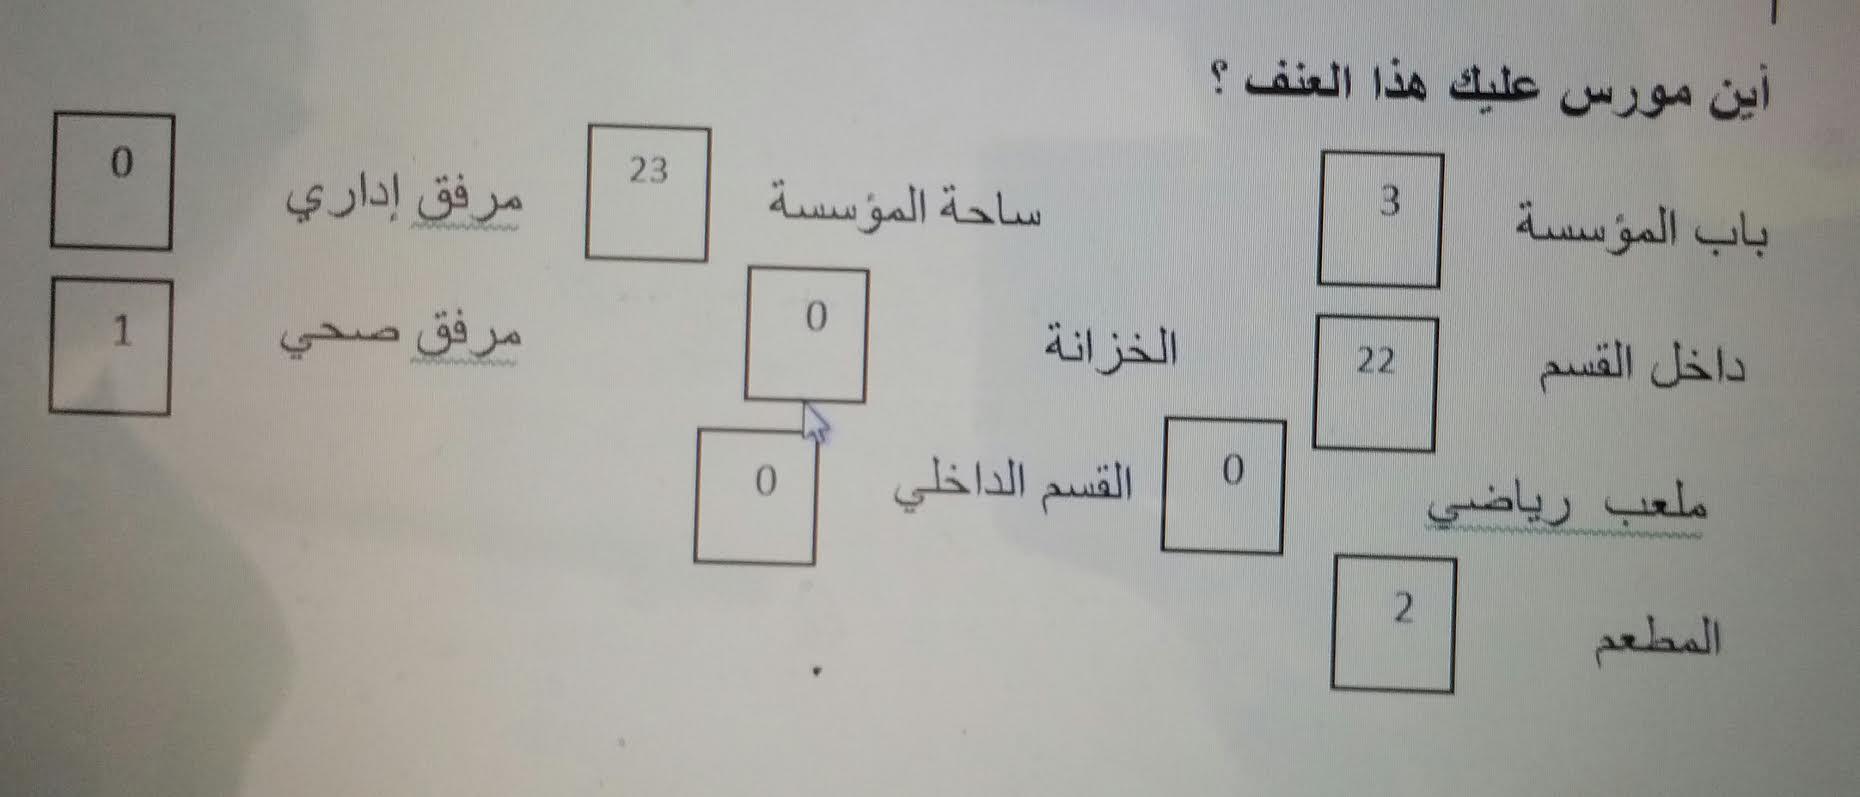 03cbc0e2-afa3-4eee-b3f2-dc03d767cf32